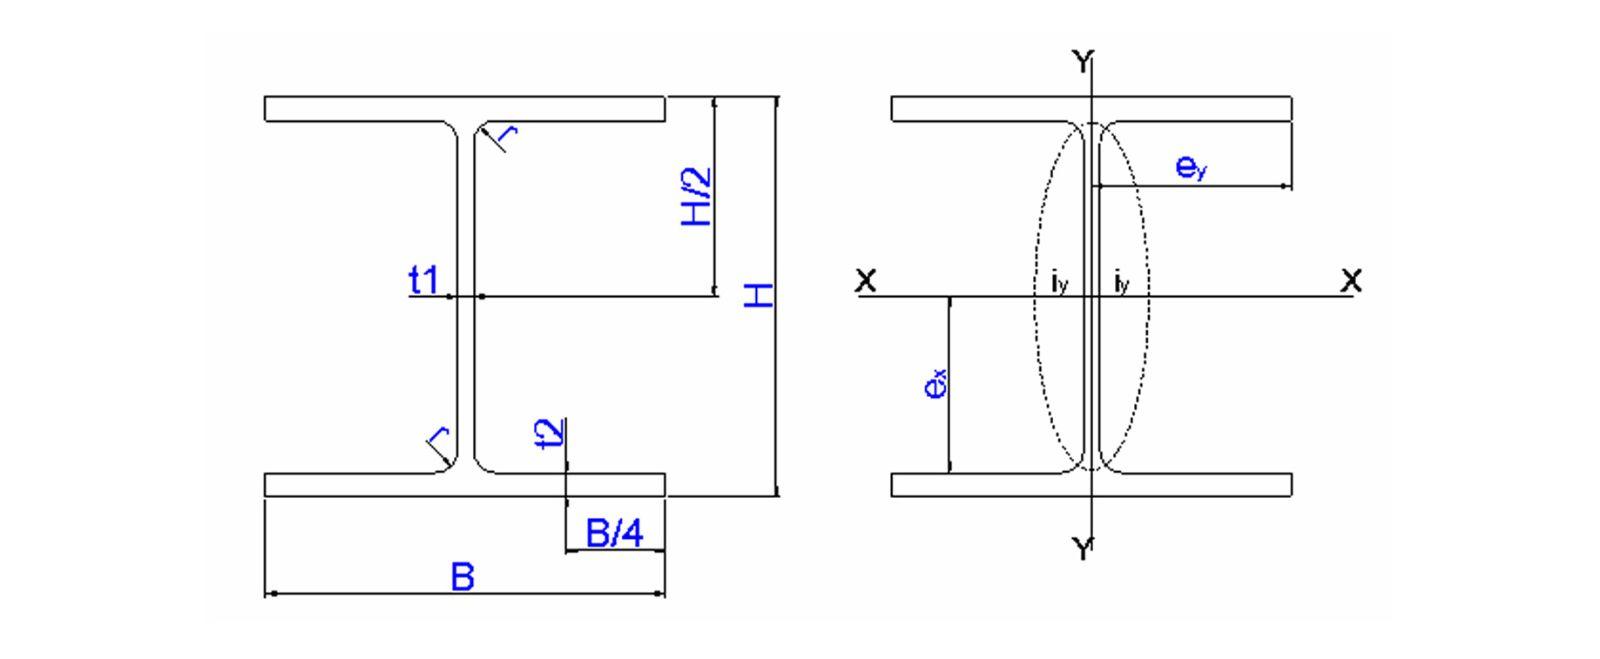 Quy cách thép Hình H